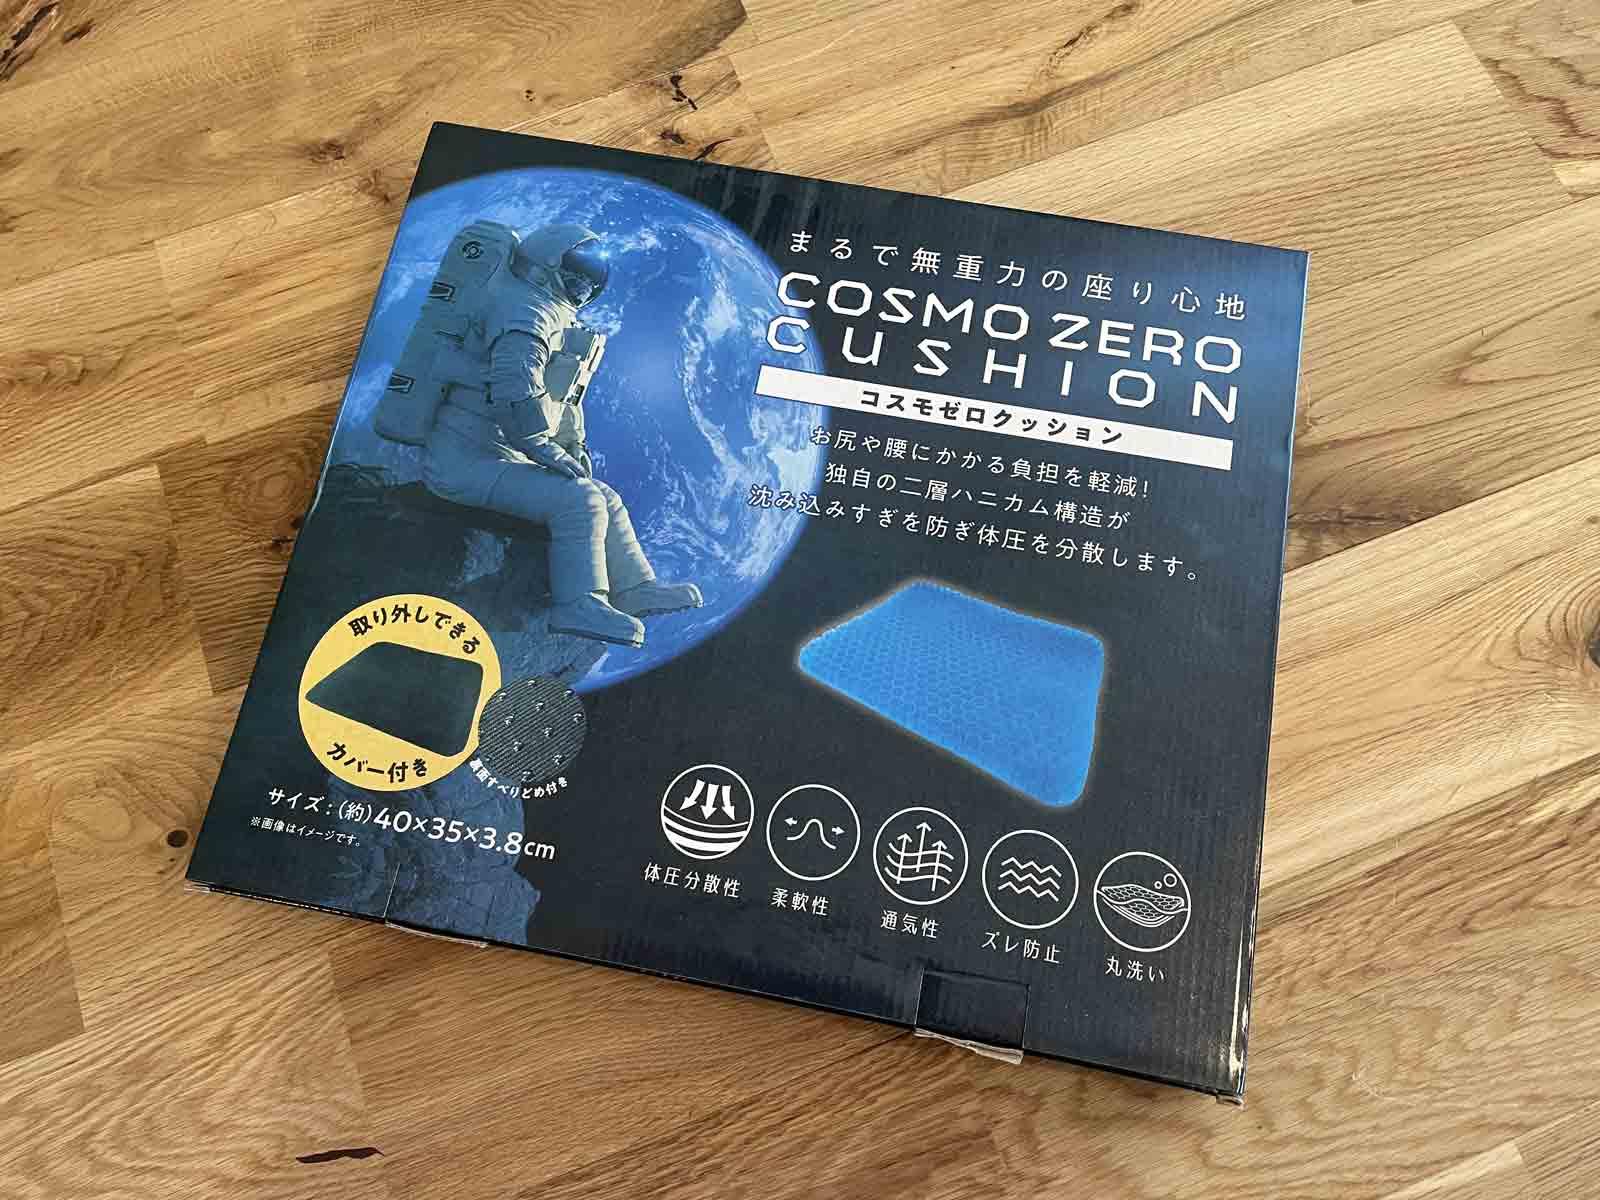 ドンキホーテのゲルクッション「コスモゼロクッション」の箱